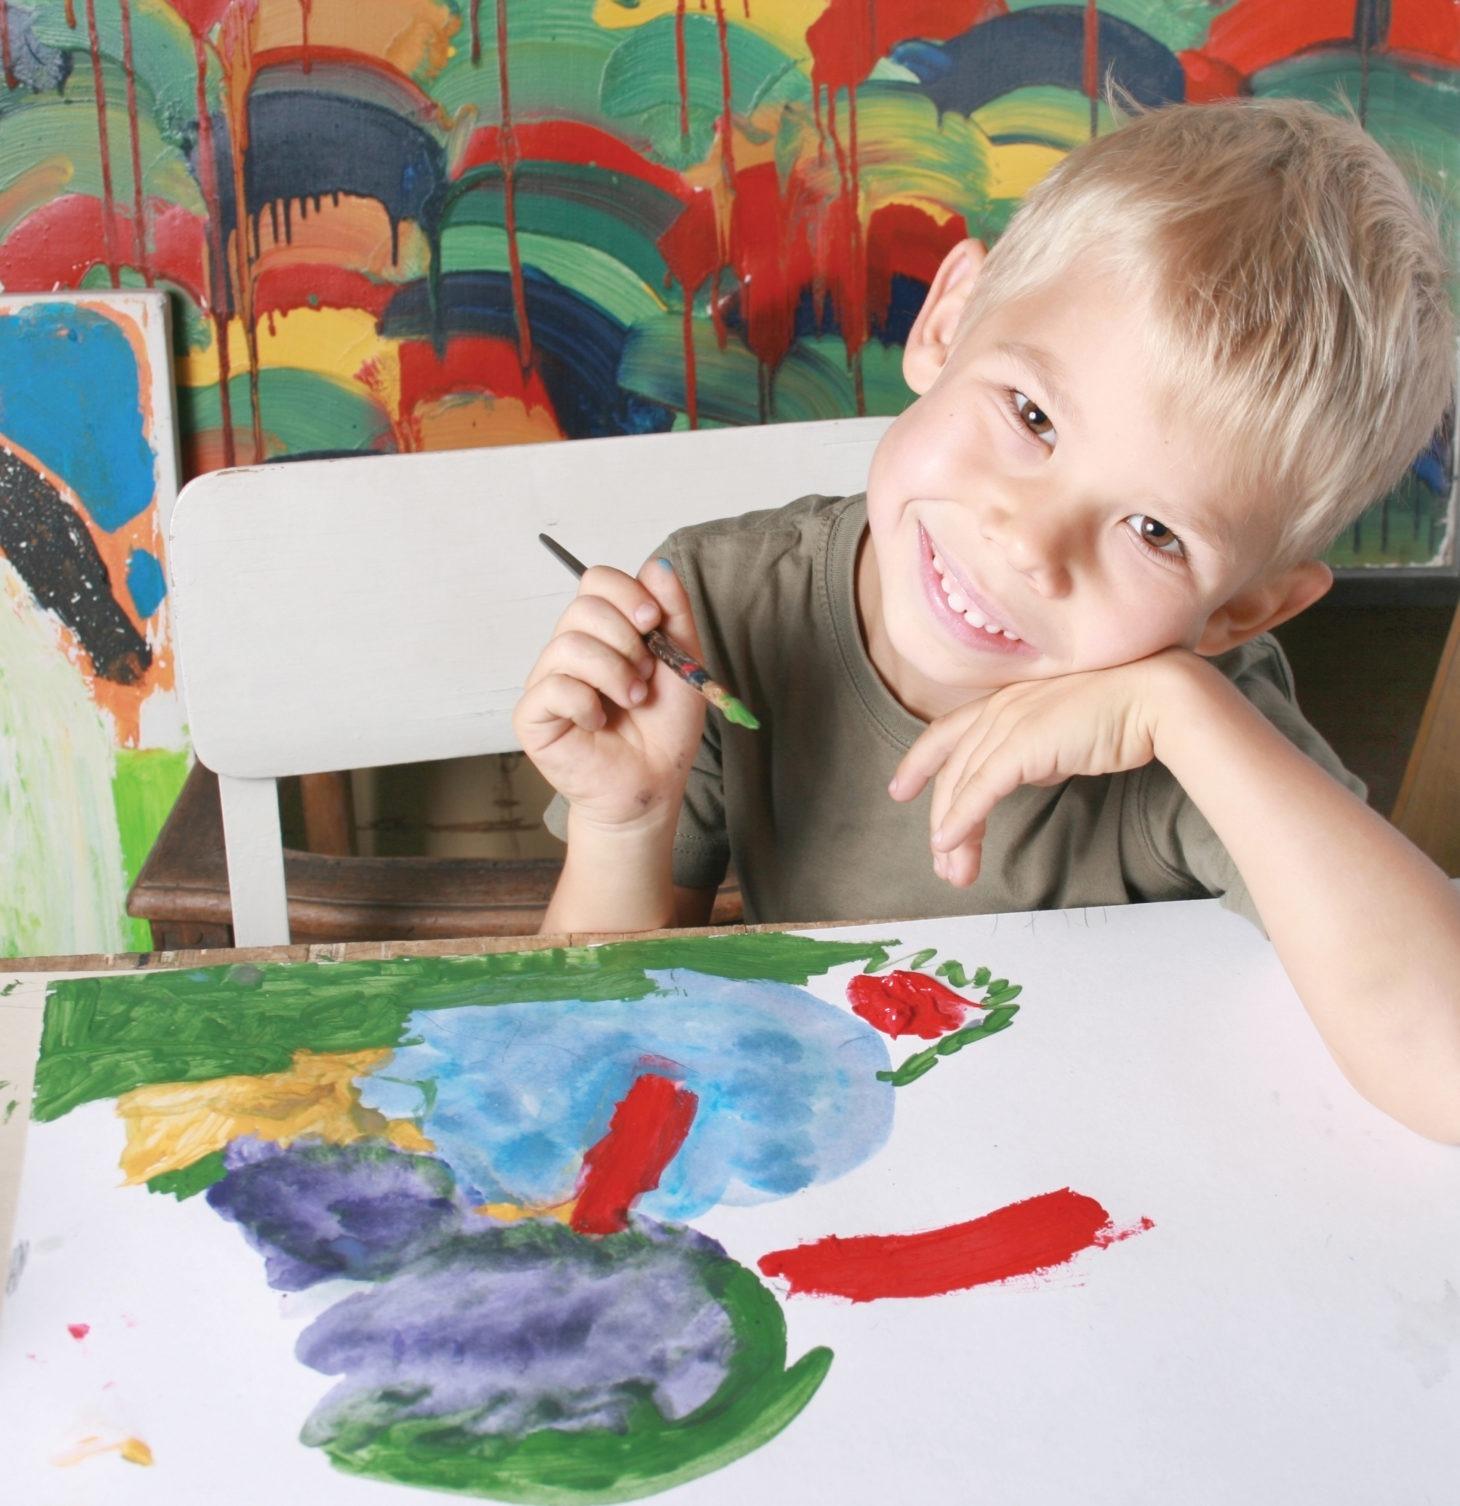 Na zdjęciu widać uśmiechniętego chłopca, który maluje na kartce farbami